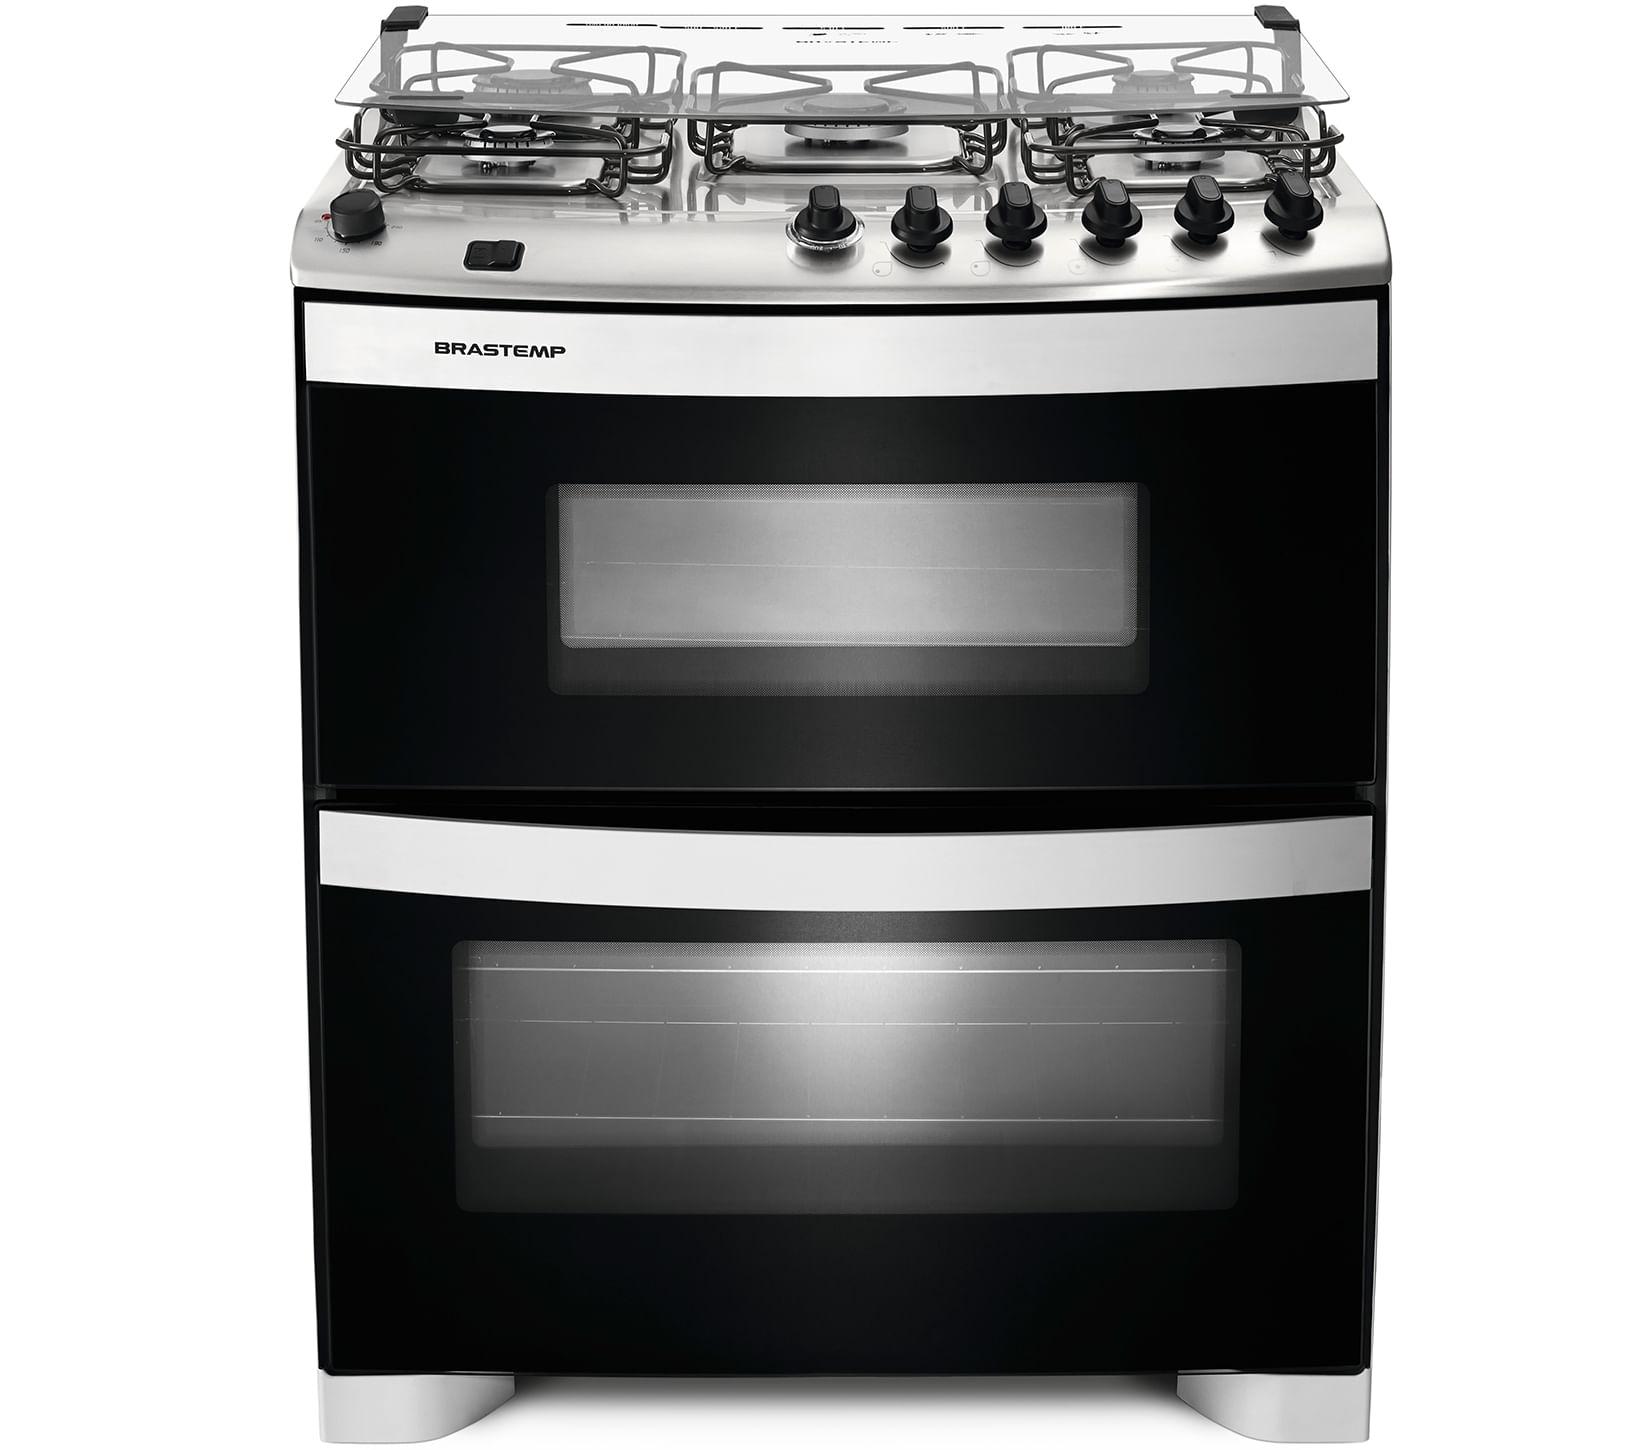 Fogão Brastemp 5 bocas duplo forno Branco com acendimento automático e mesa flat top